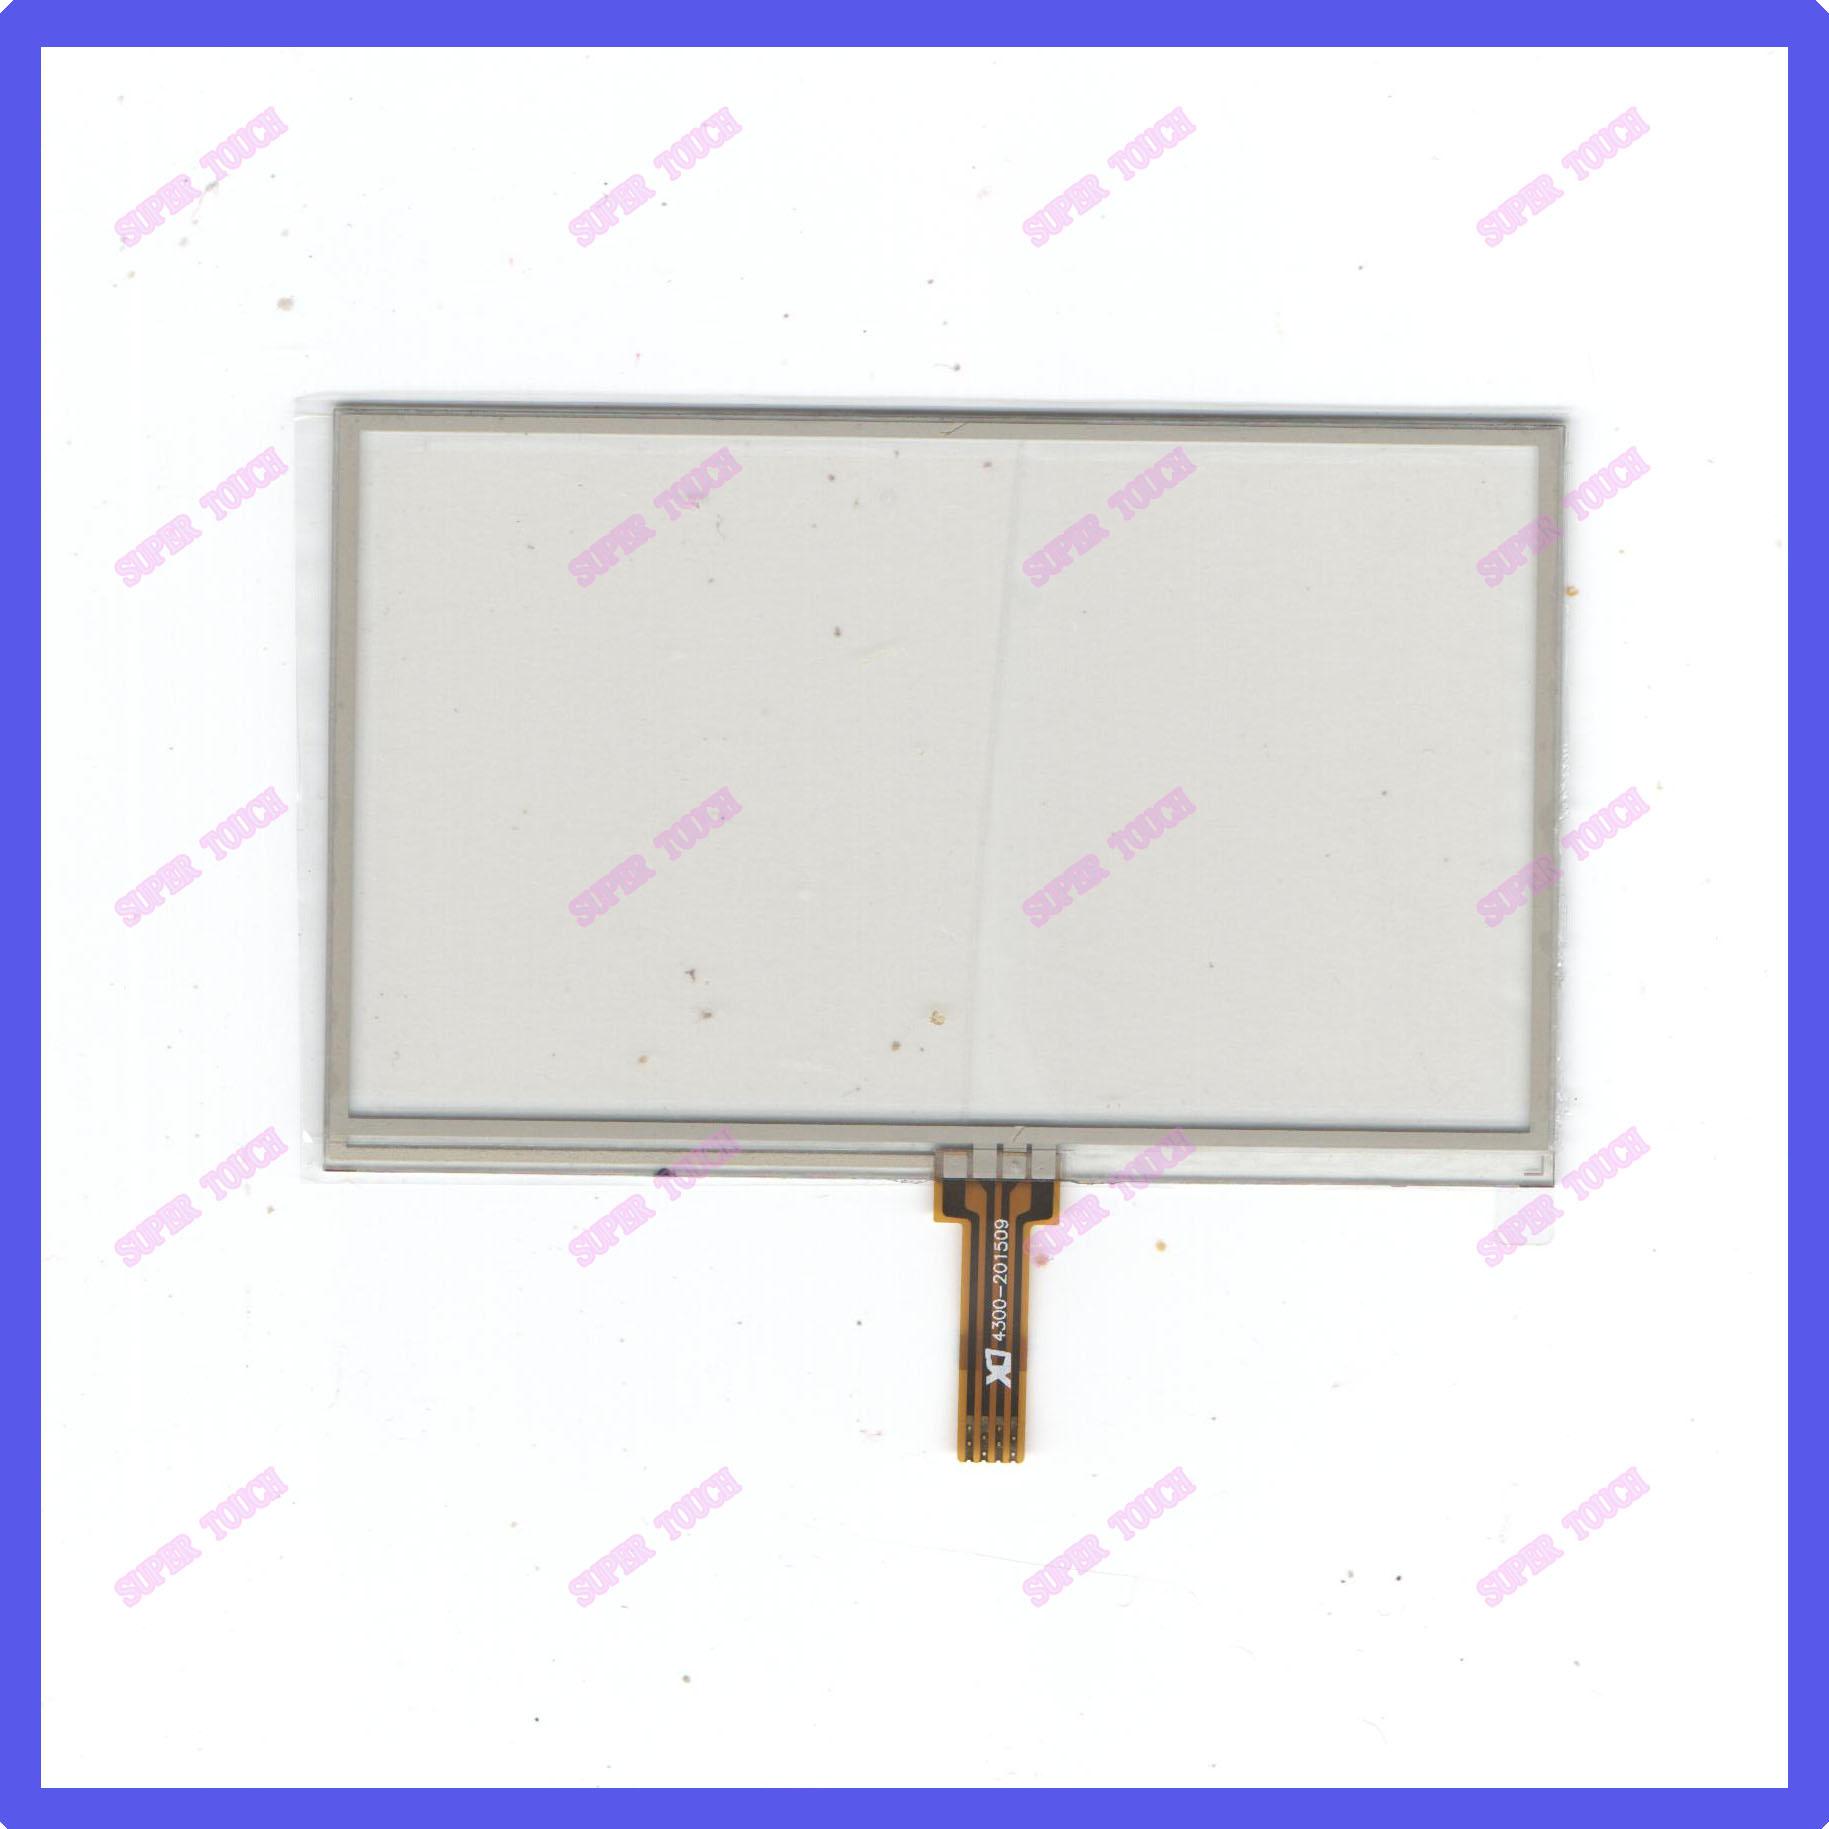 小4.3寸 通用 触摸 外屏  手写屏  四线电阻屏  103*63